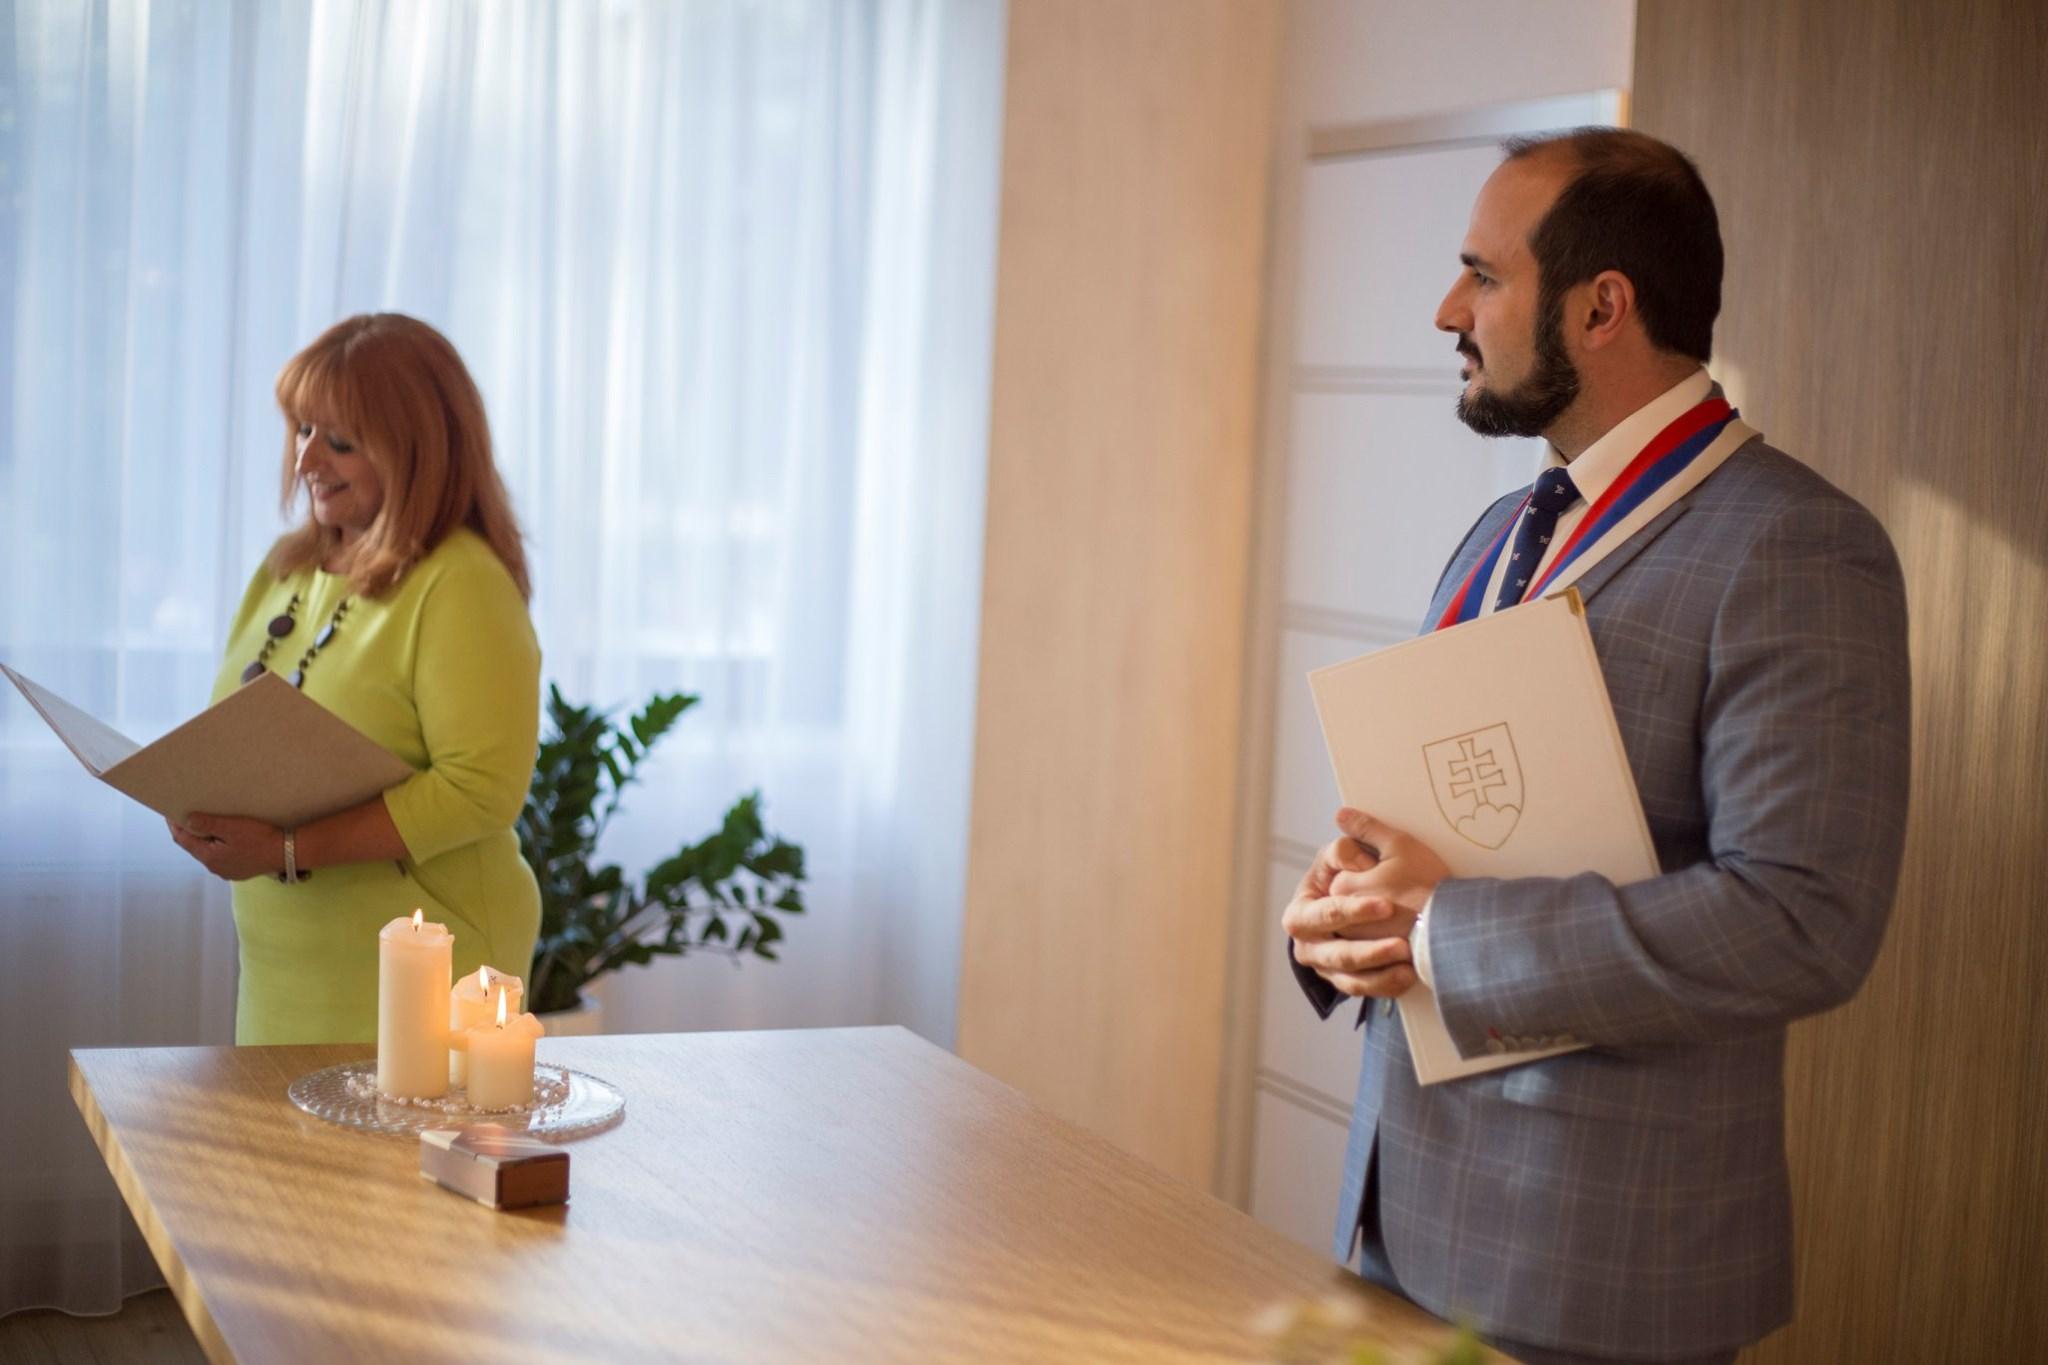 Uvoľňovanie opatrení COVID-19: Snúbenci si na radnicu môžu pozvať ďalších 27 hostí vrátane rodičov a svedkov